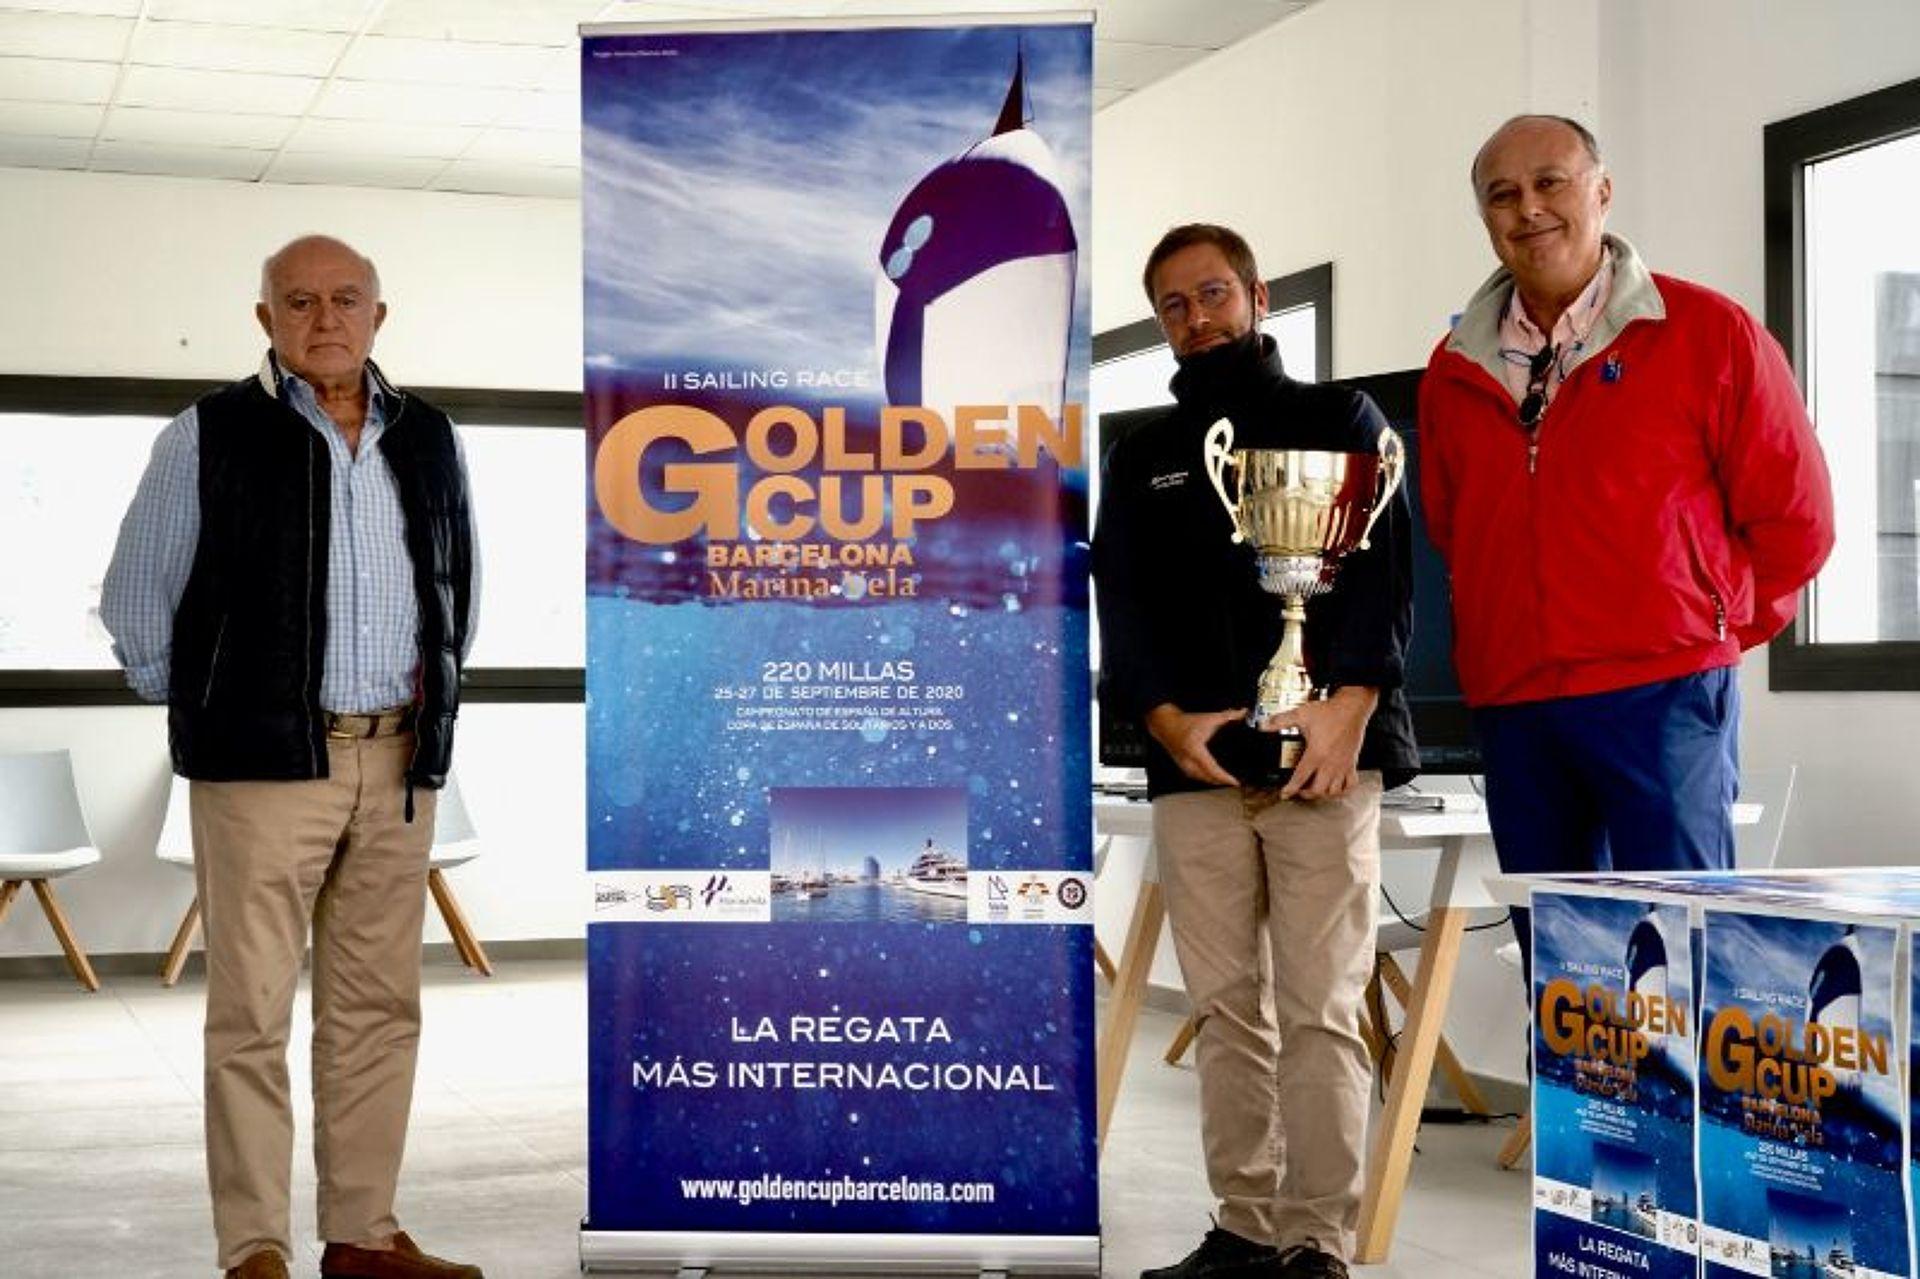 El Korrigan 4 guanyador absolut de la II edició de la Golden Cup Barcelona Marina Vela.